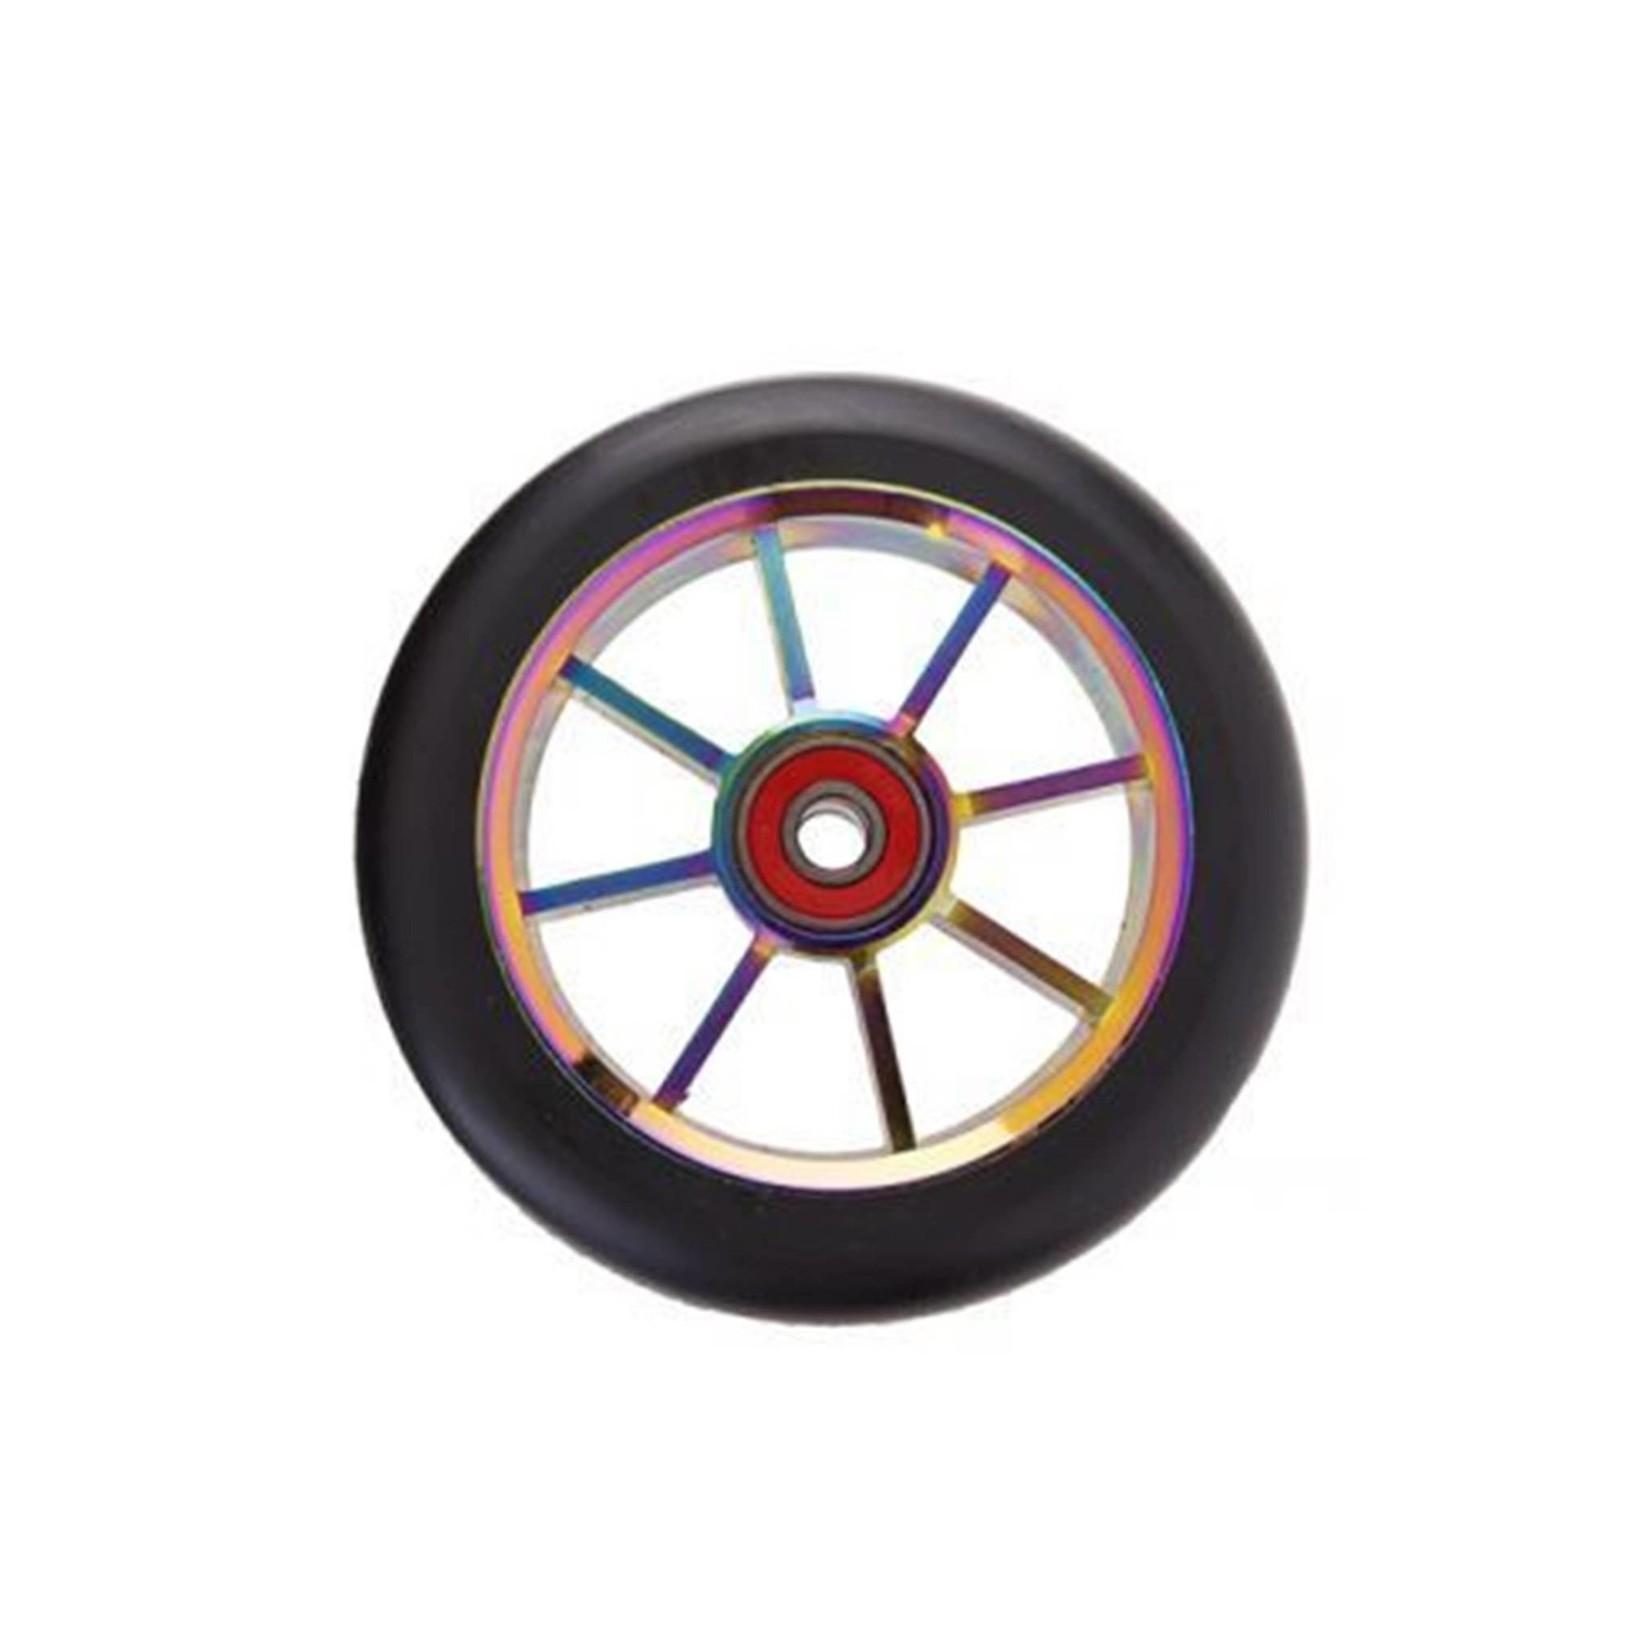 GRIT Grit Scooter Wheel 100mm Oil Slick 8 Spoke Each